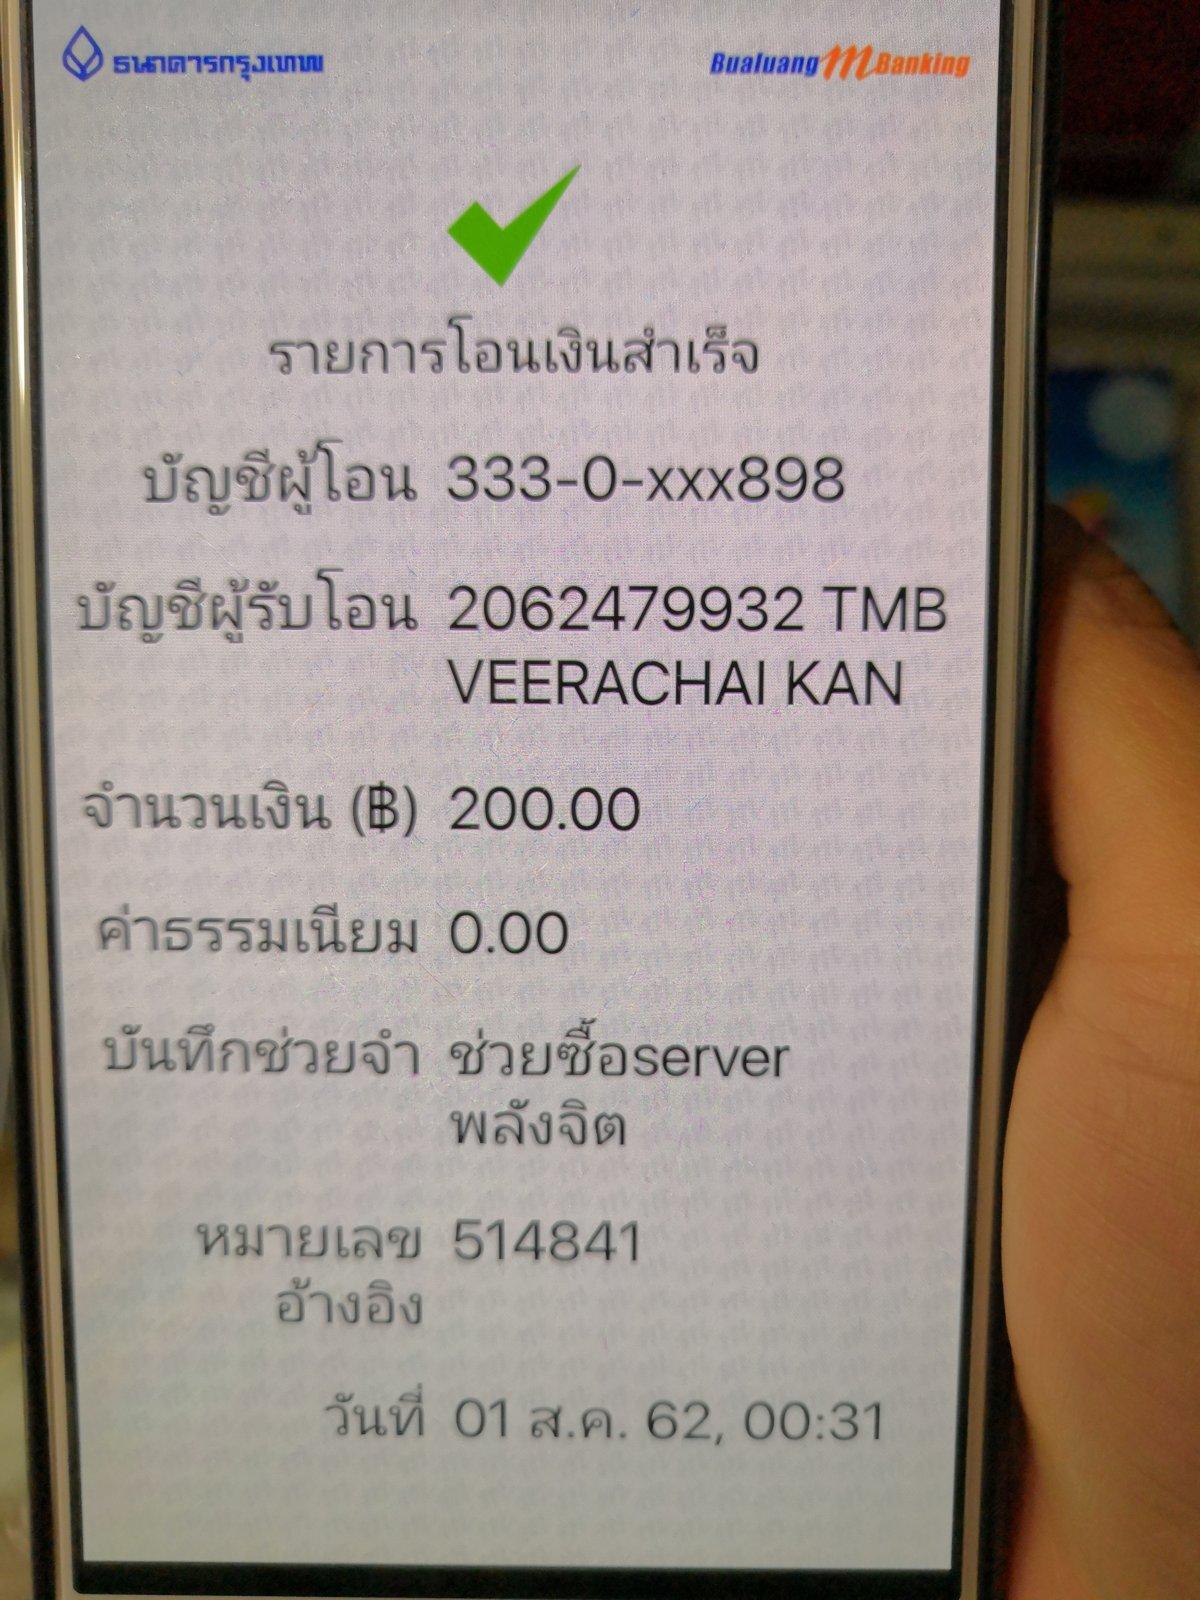 15645948507191850172513808497636.jpg